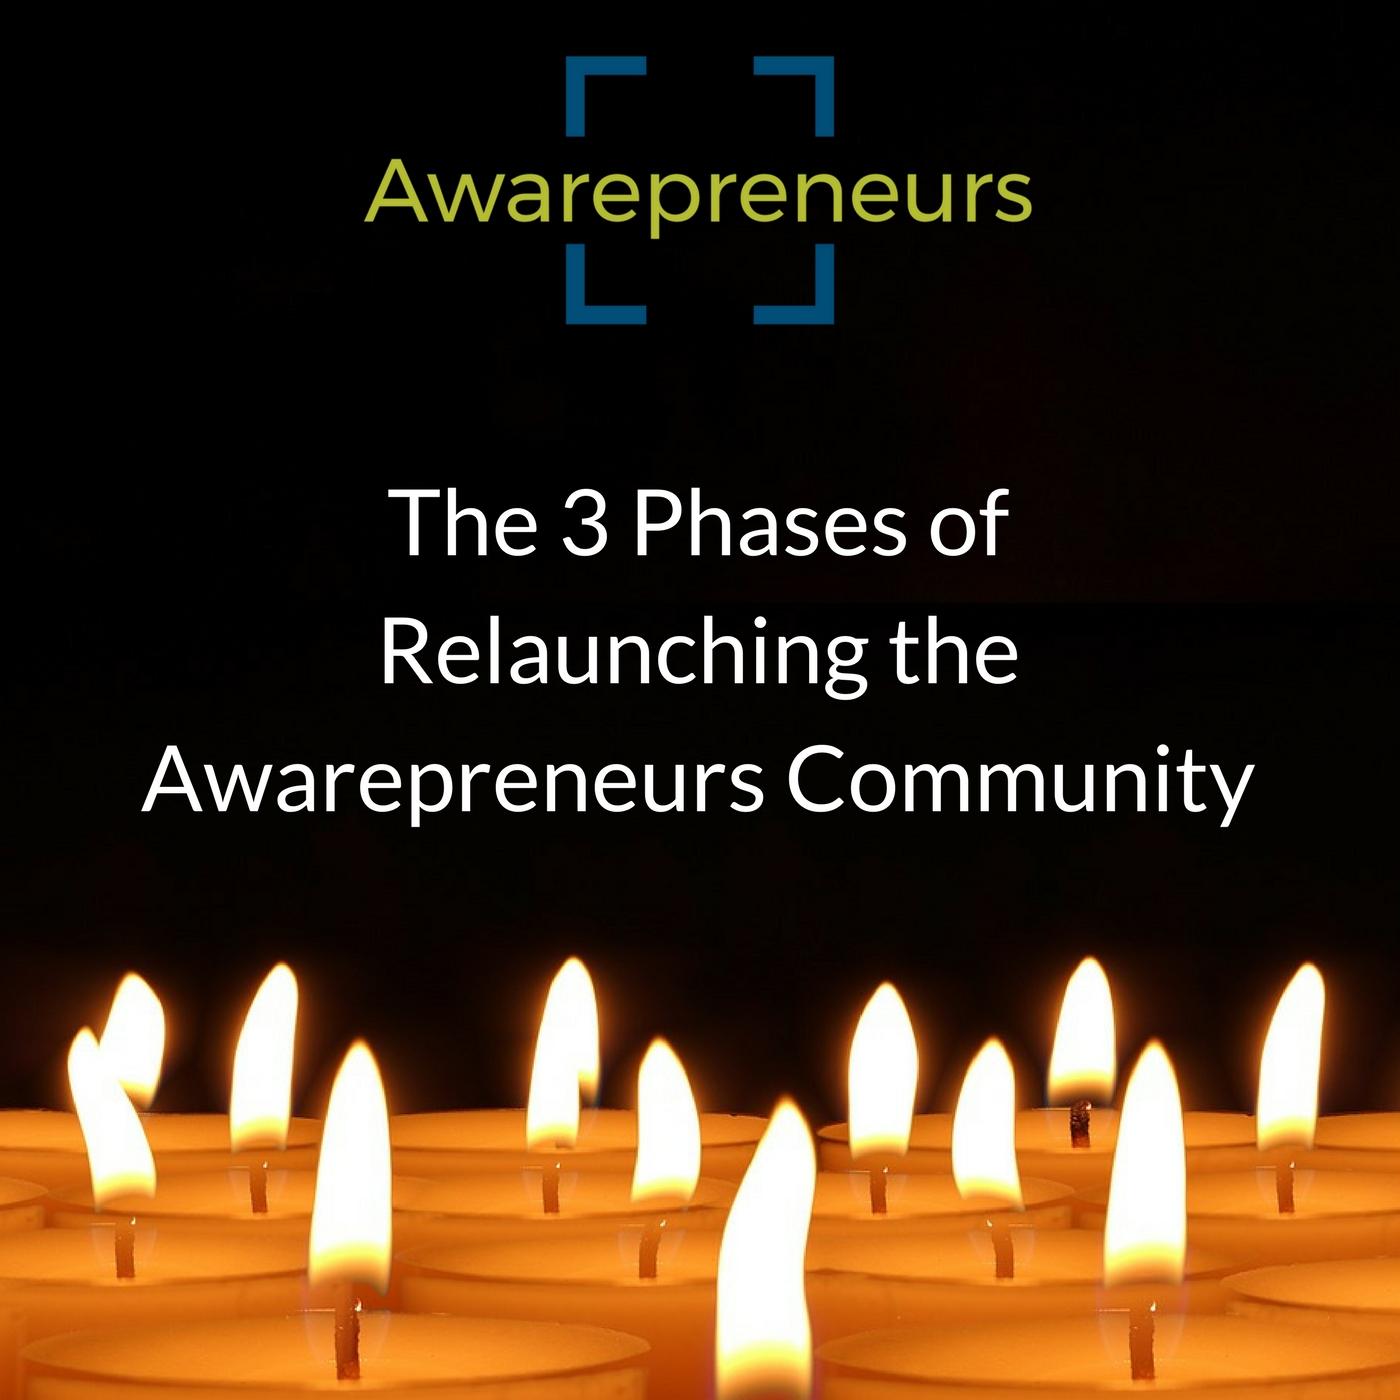 3 phases of relaunch.jpg